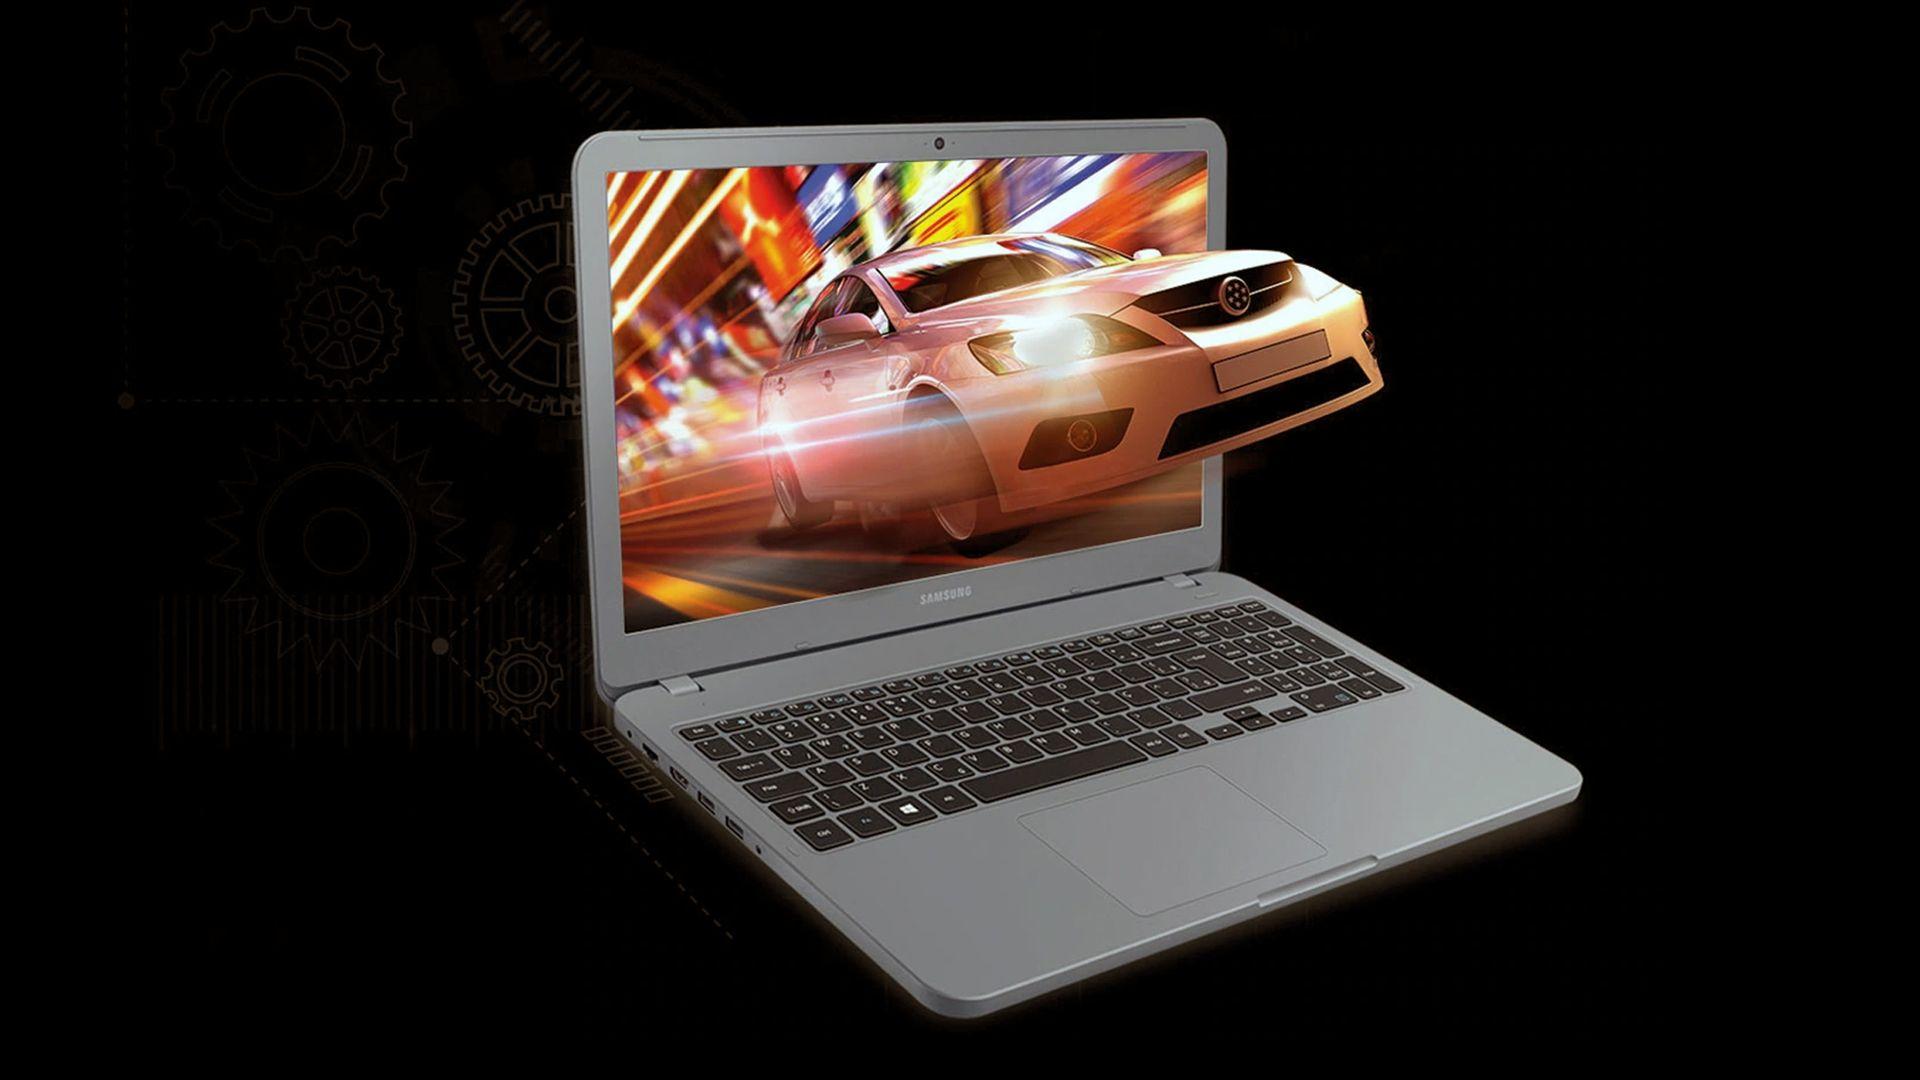 Usuário que faz edições de imagens e vídeos simples, e joga títulos leves, terá boa performance com o notebook (Foto: Divulgação/Samsung)